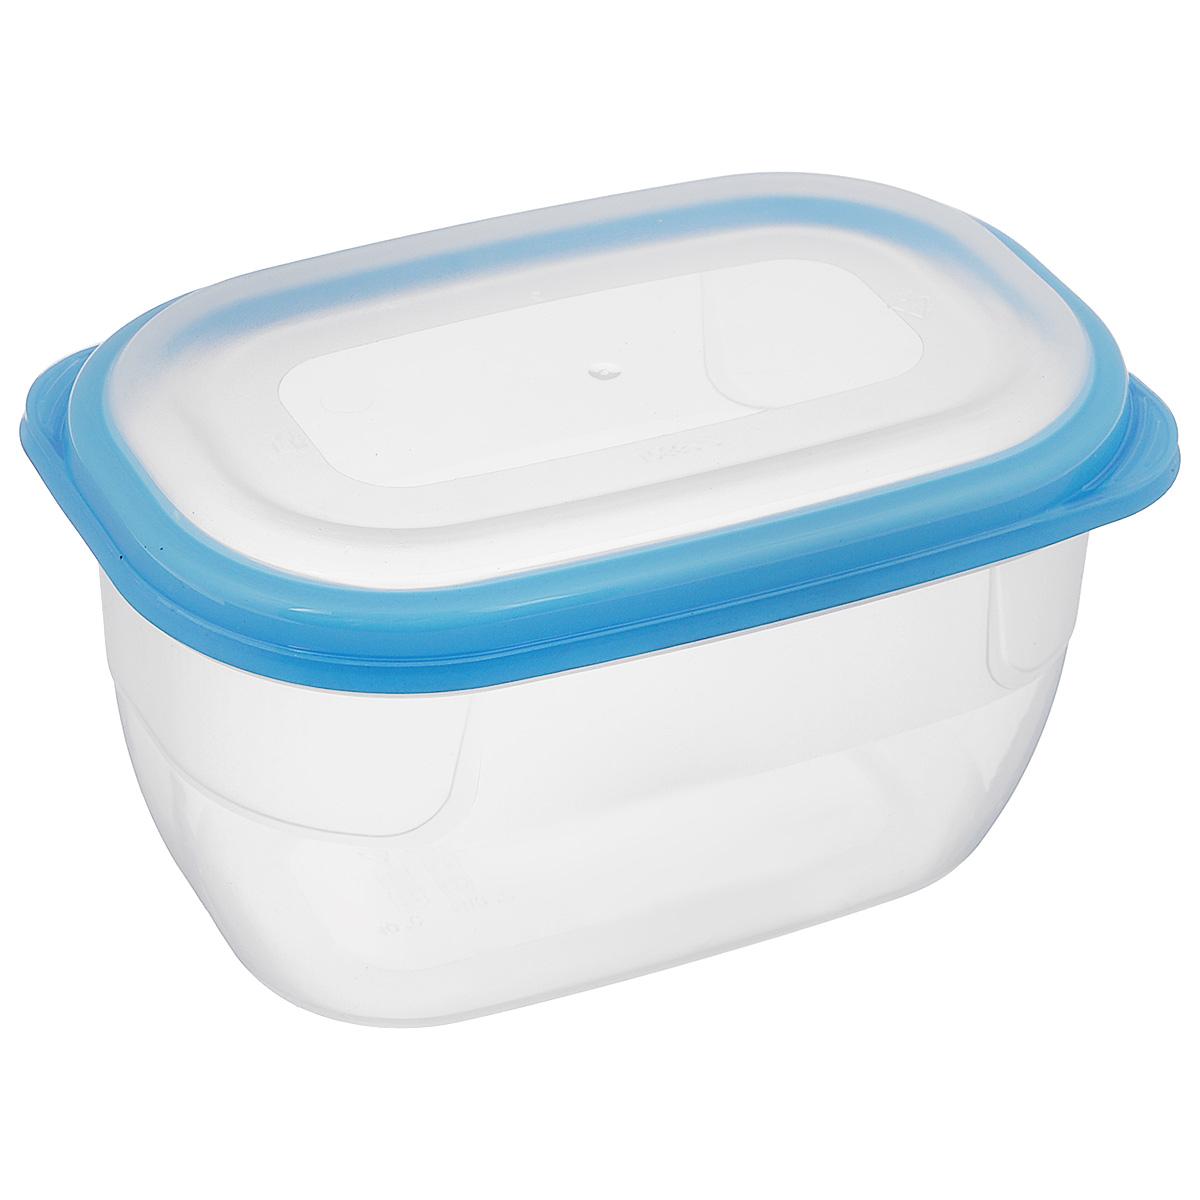 Контейнер для СВЧ Полимербыт Премиум, цвет: прозрачный, голубой, 750 млС561_голубойКонтейнер Полимербыт Премиум прямоугольной формы, изготовленный из прочного пластика, предназначен специально для хранения пищевых продуктов. Крышка легко открывается и плотно закрывается.Контейнер устойчив к воздействию масел и жиров, легко моется. Прозрачные стенки позволяют видеть содержимое. Контейнер имеет возможность хранения продуктов глубокой заморозки, обладает высокой прочностью. Можно мыть в посудомоечной машине.Контейнер подходит для использования в микроволновой печи без крышки, а также для заморозки в морозильной камере.